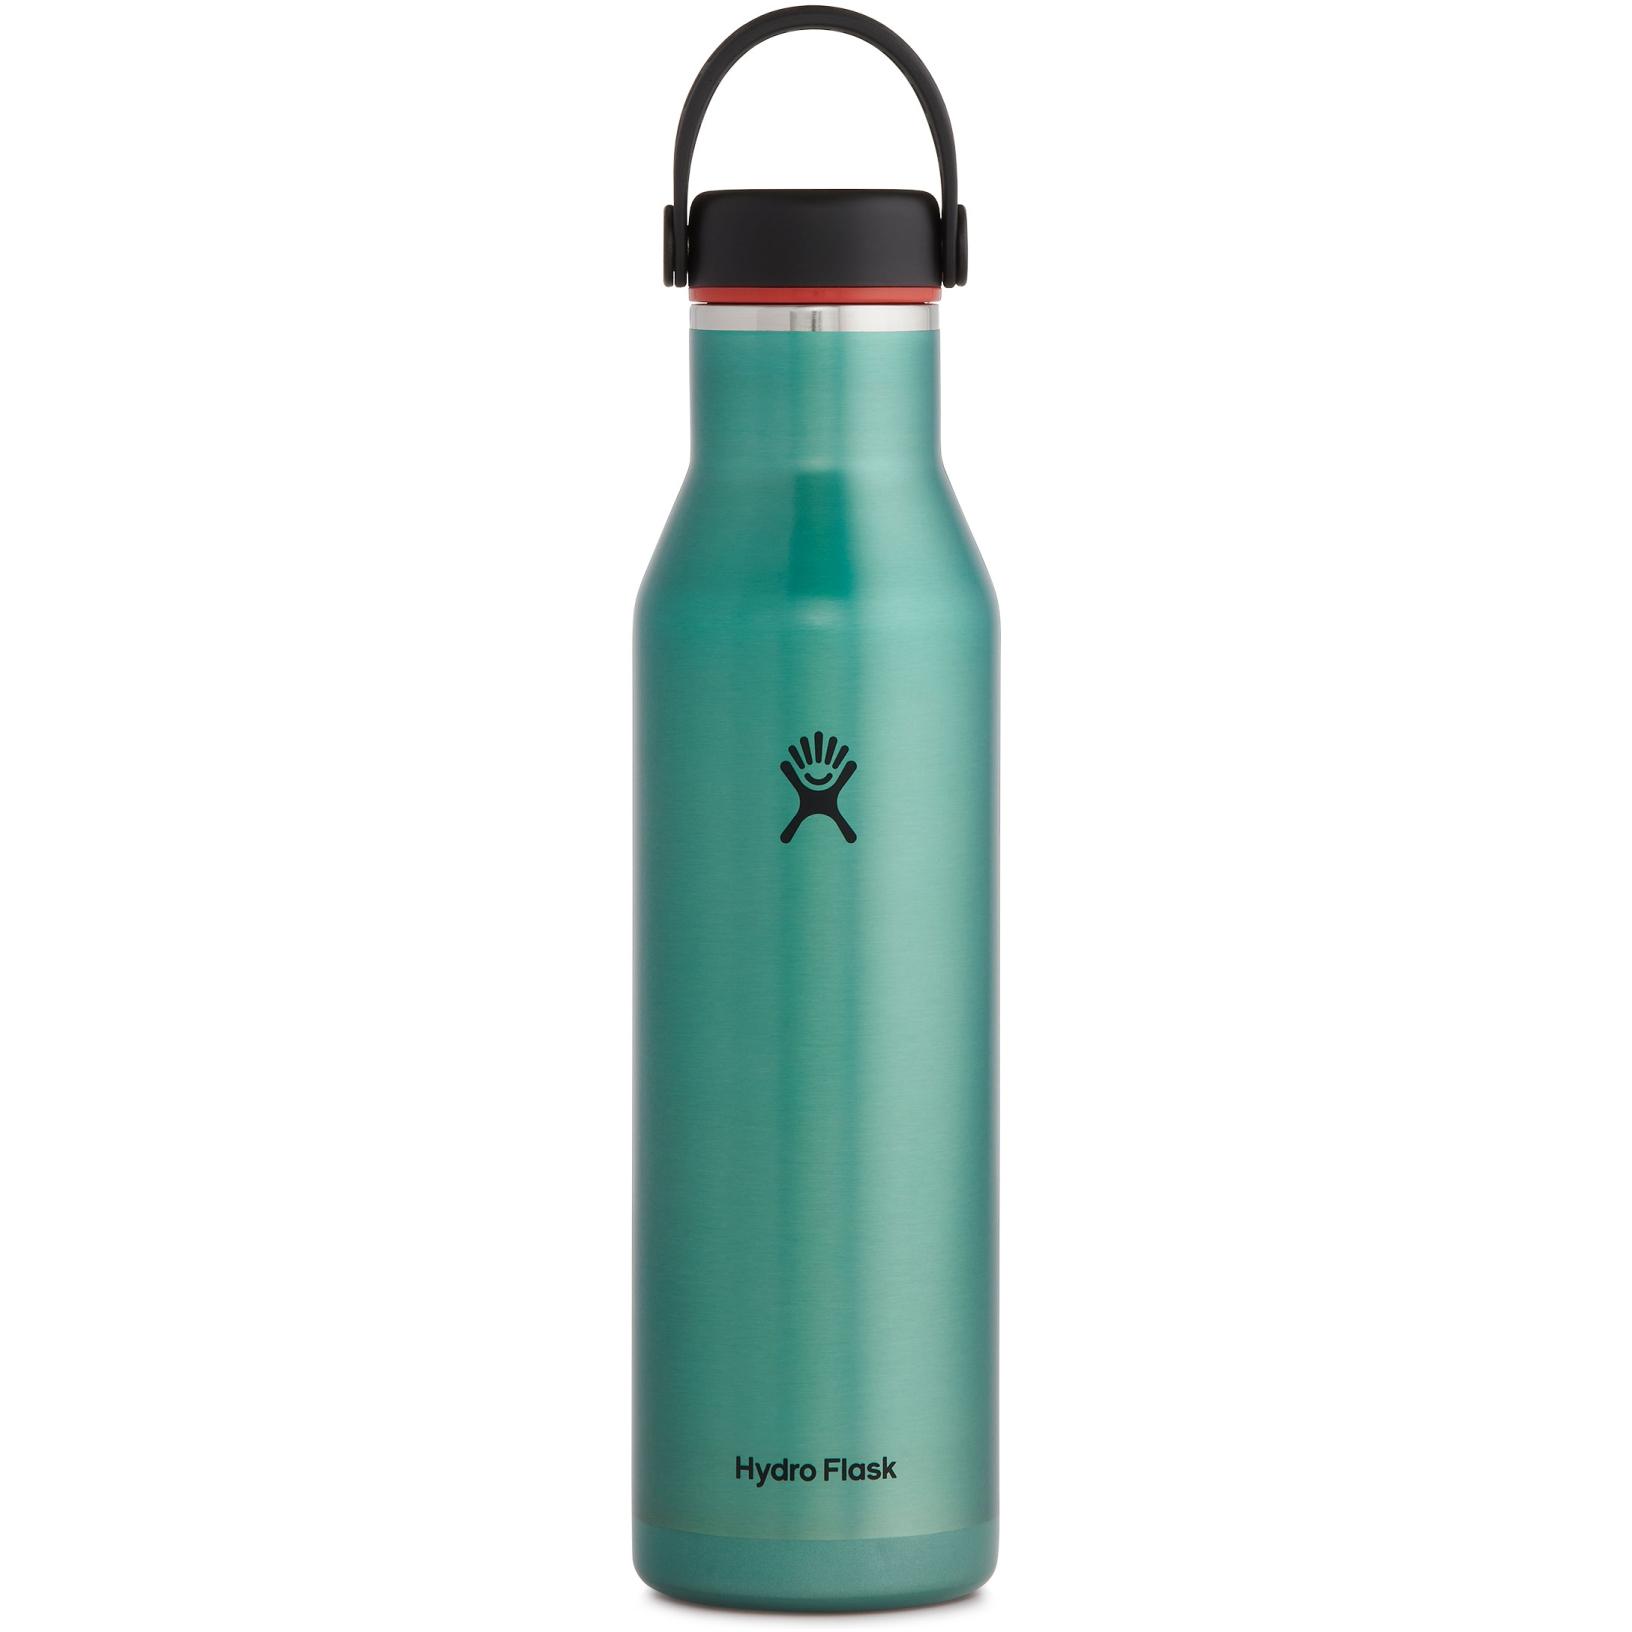 Produktbild von Hydro Flask 21oz Lightweight Standard Flex Cap Thermoflasche - 621ml - Topaz